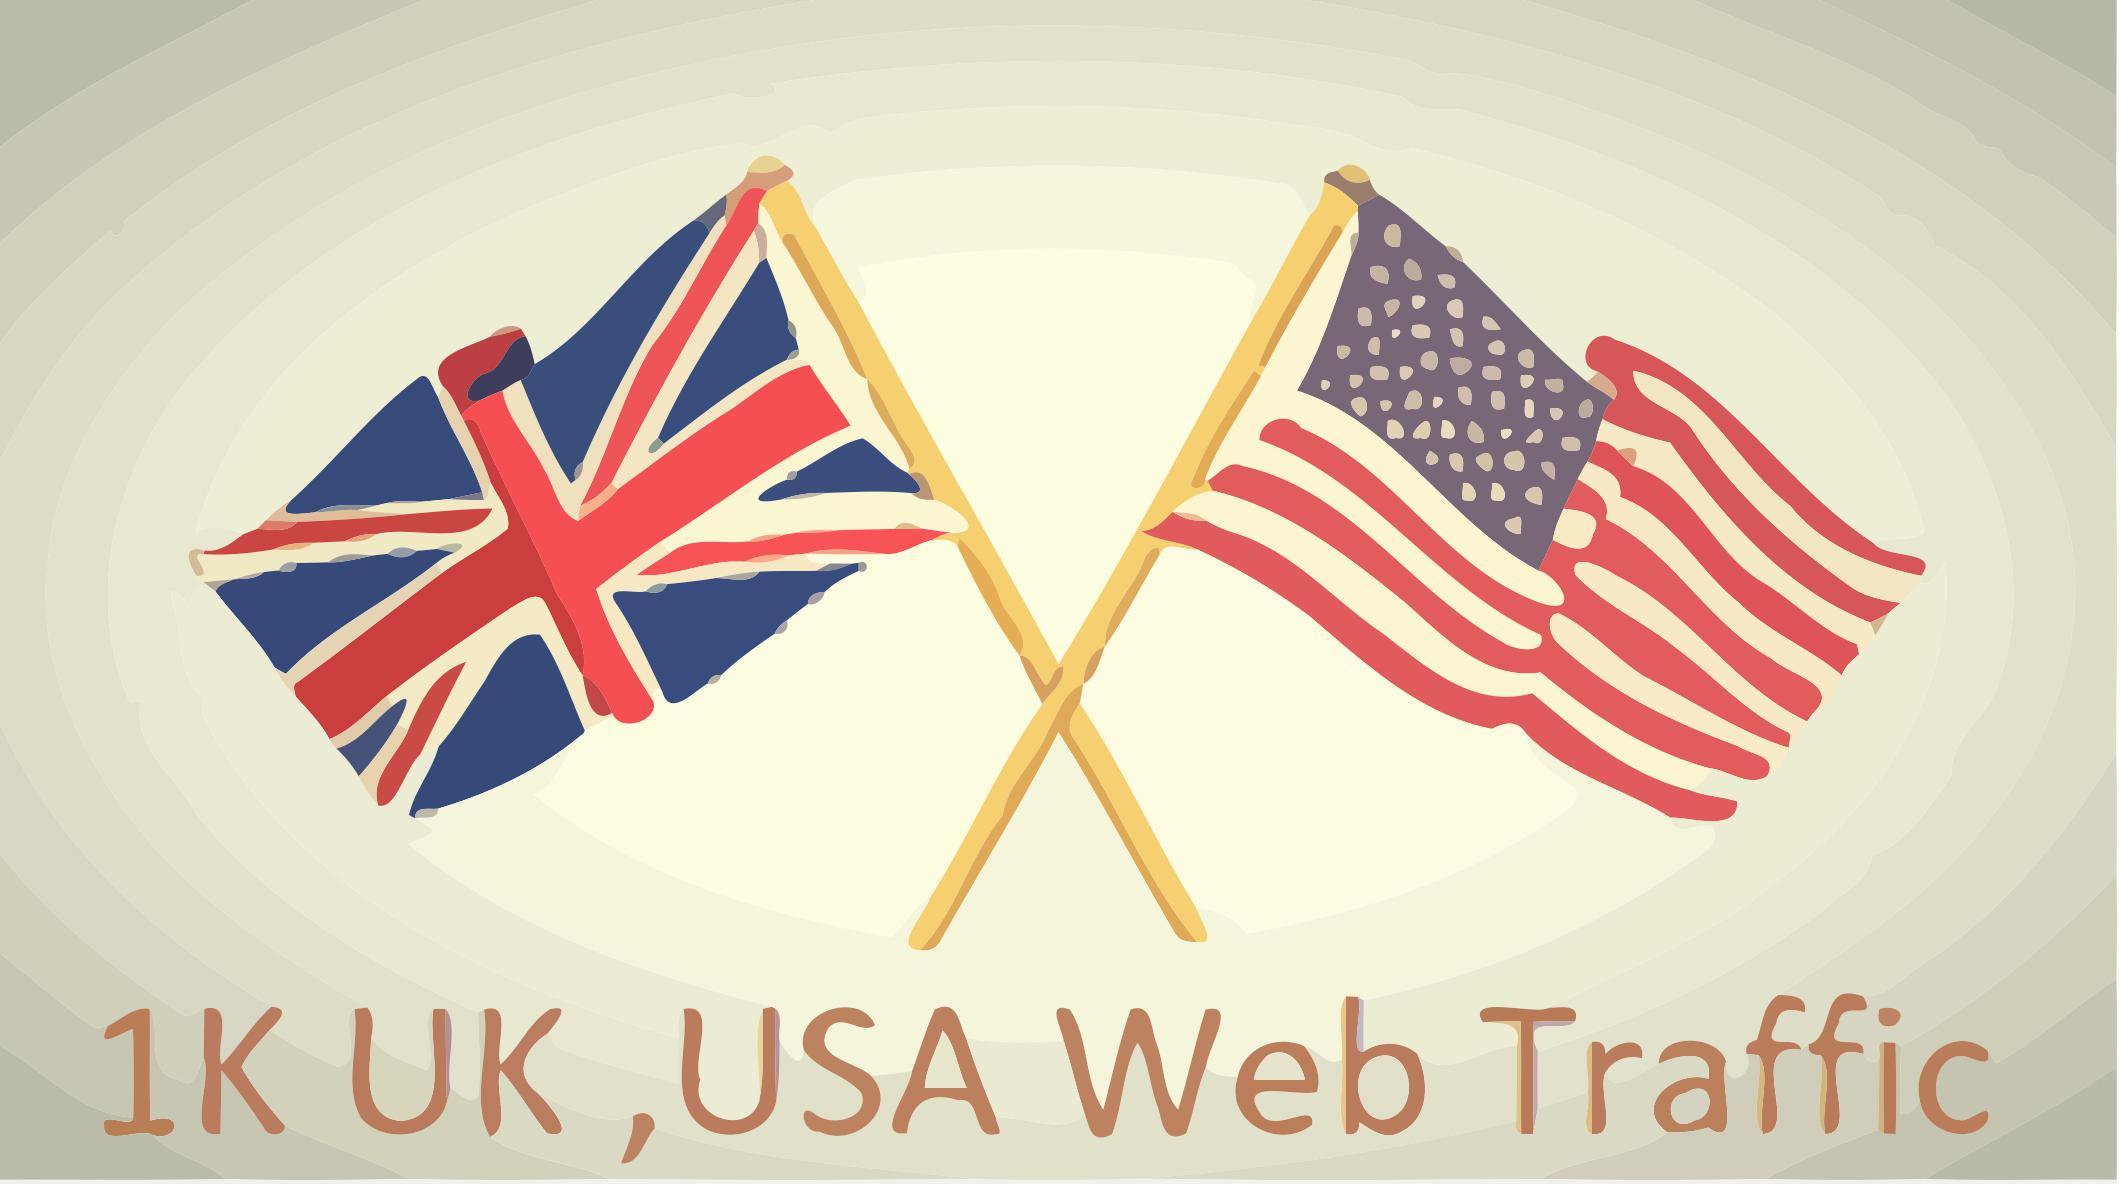 1K USA UK Keyword Targeted Web Traffic - Traffic Exchange